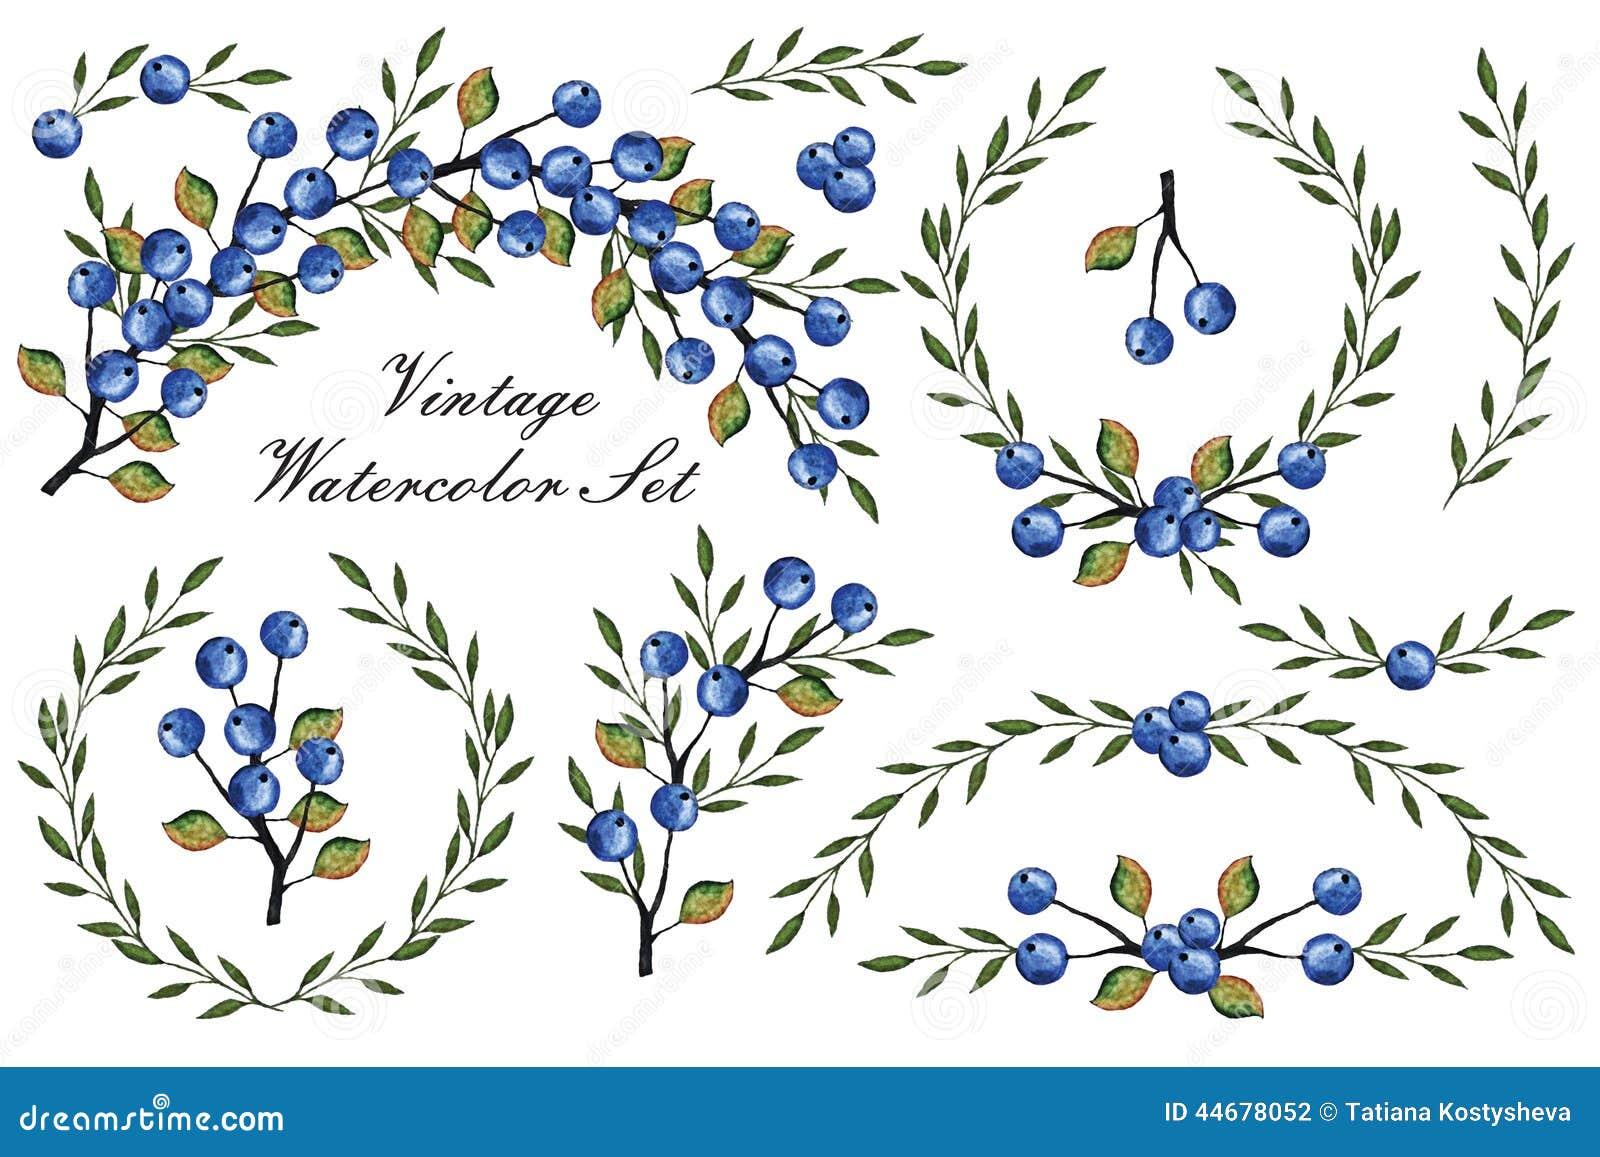 Wedding Celebration Invitations is luxury invitation sample